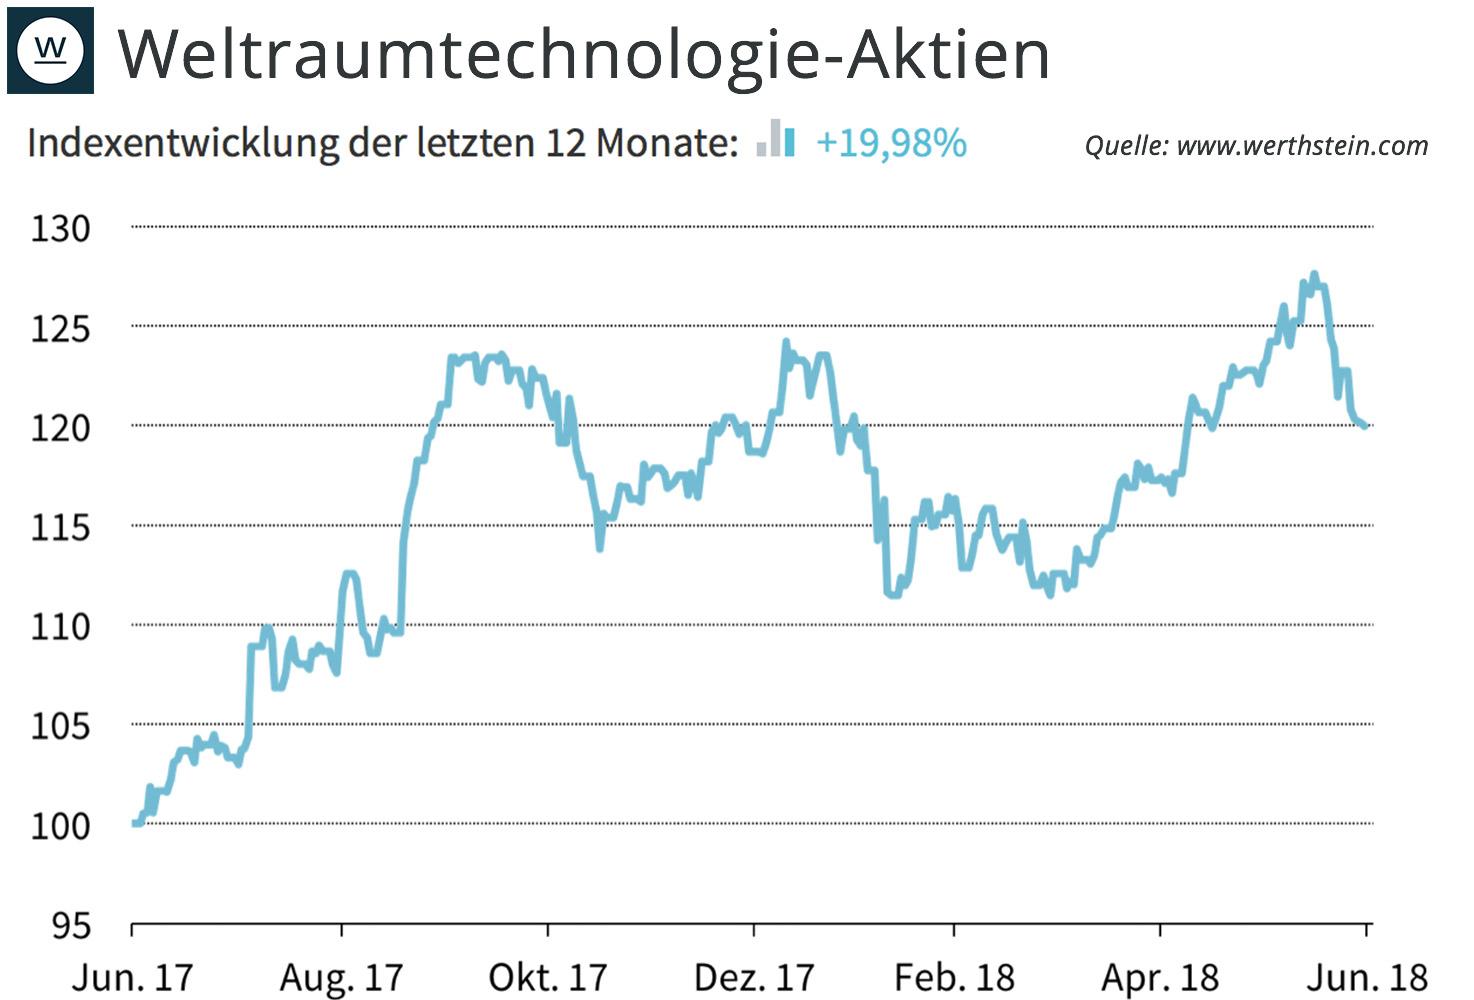 weltraumtechnologie-aktien-werthstein-zeitgeist